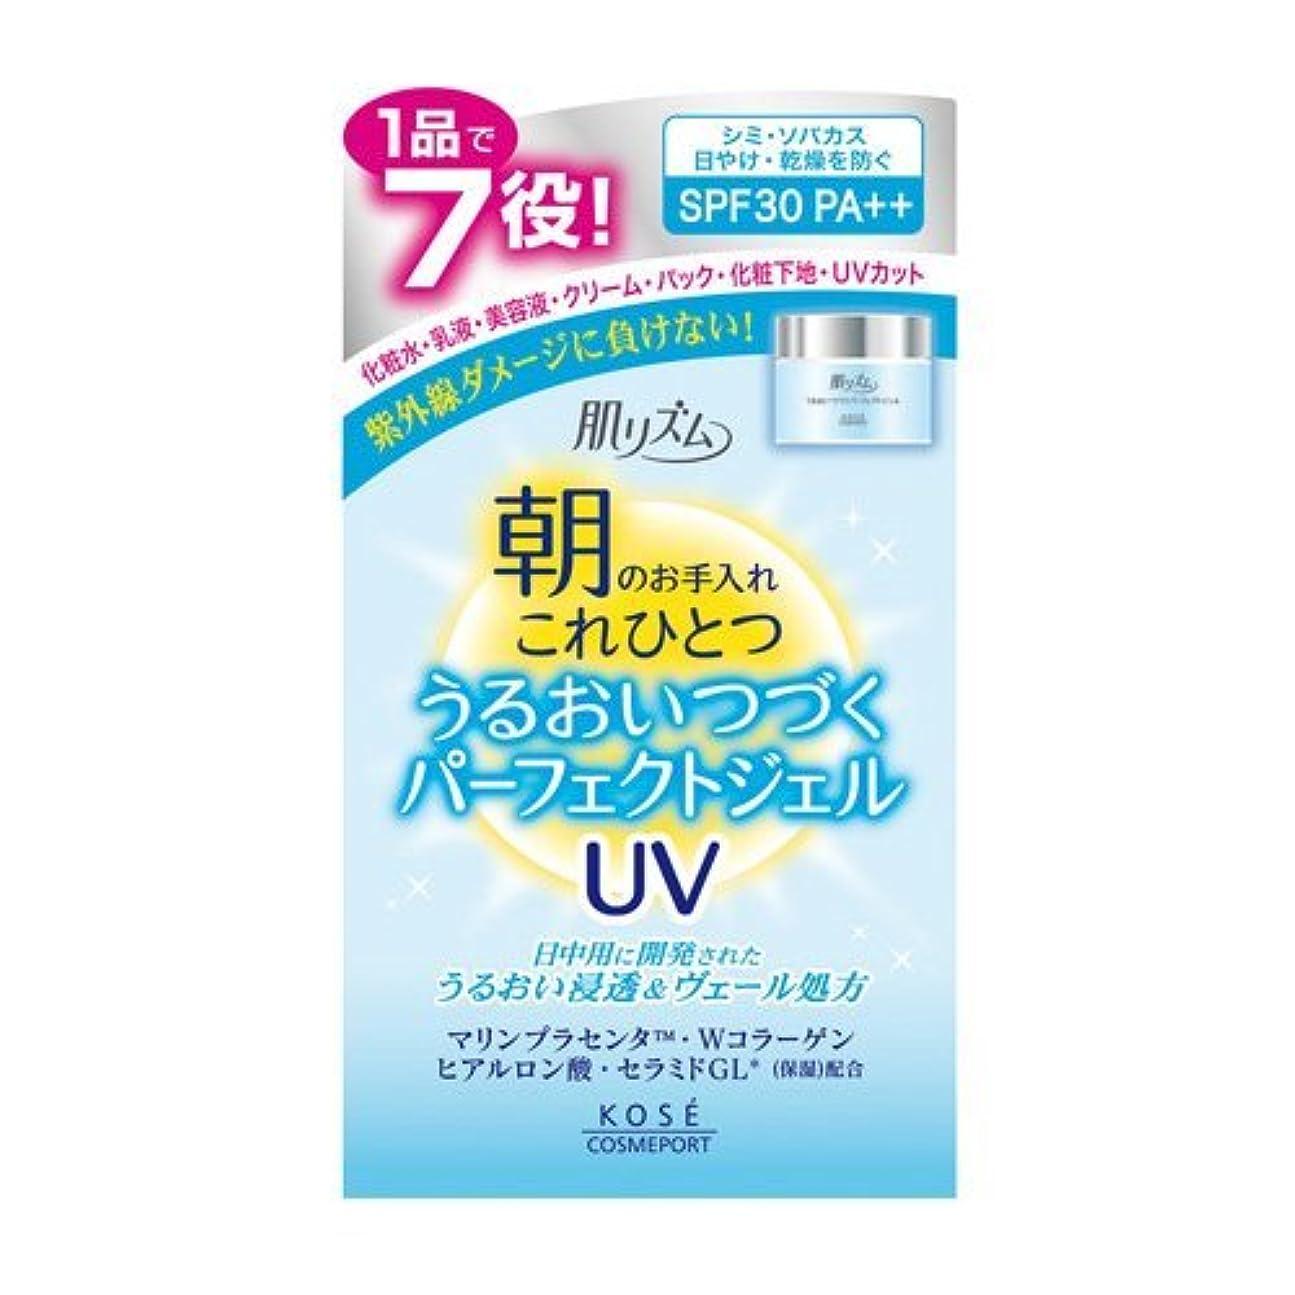 塩層将来のKOSE 肌リズム うるおい濃密ジェルUV 100g